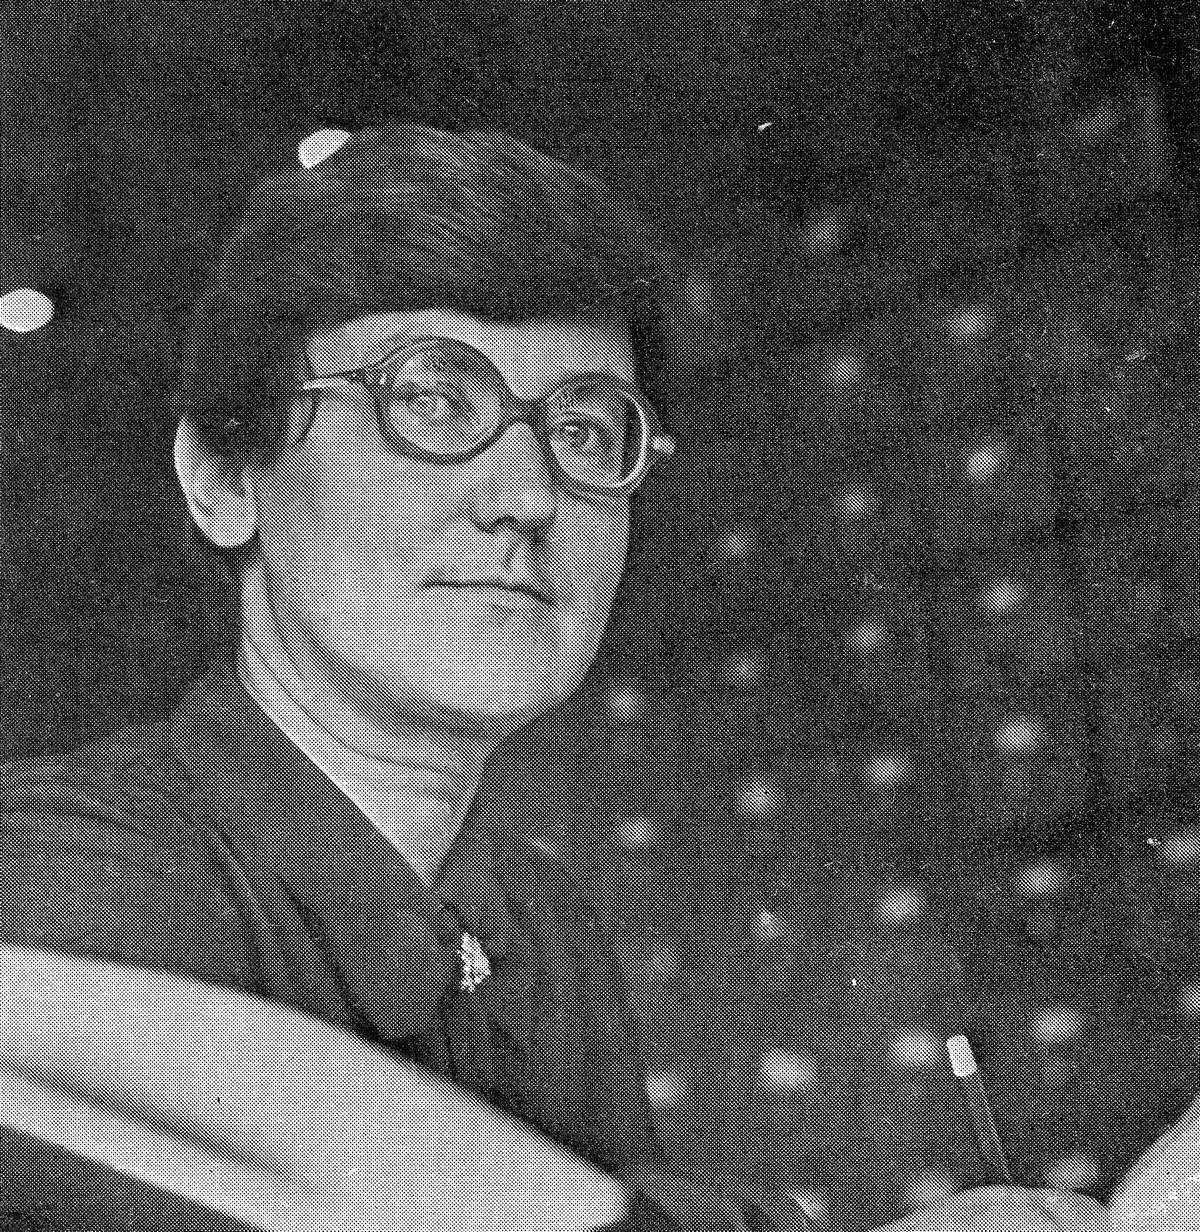 Latviešu valodas un literatūras skolotāja Ilze Maldone